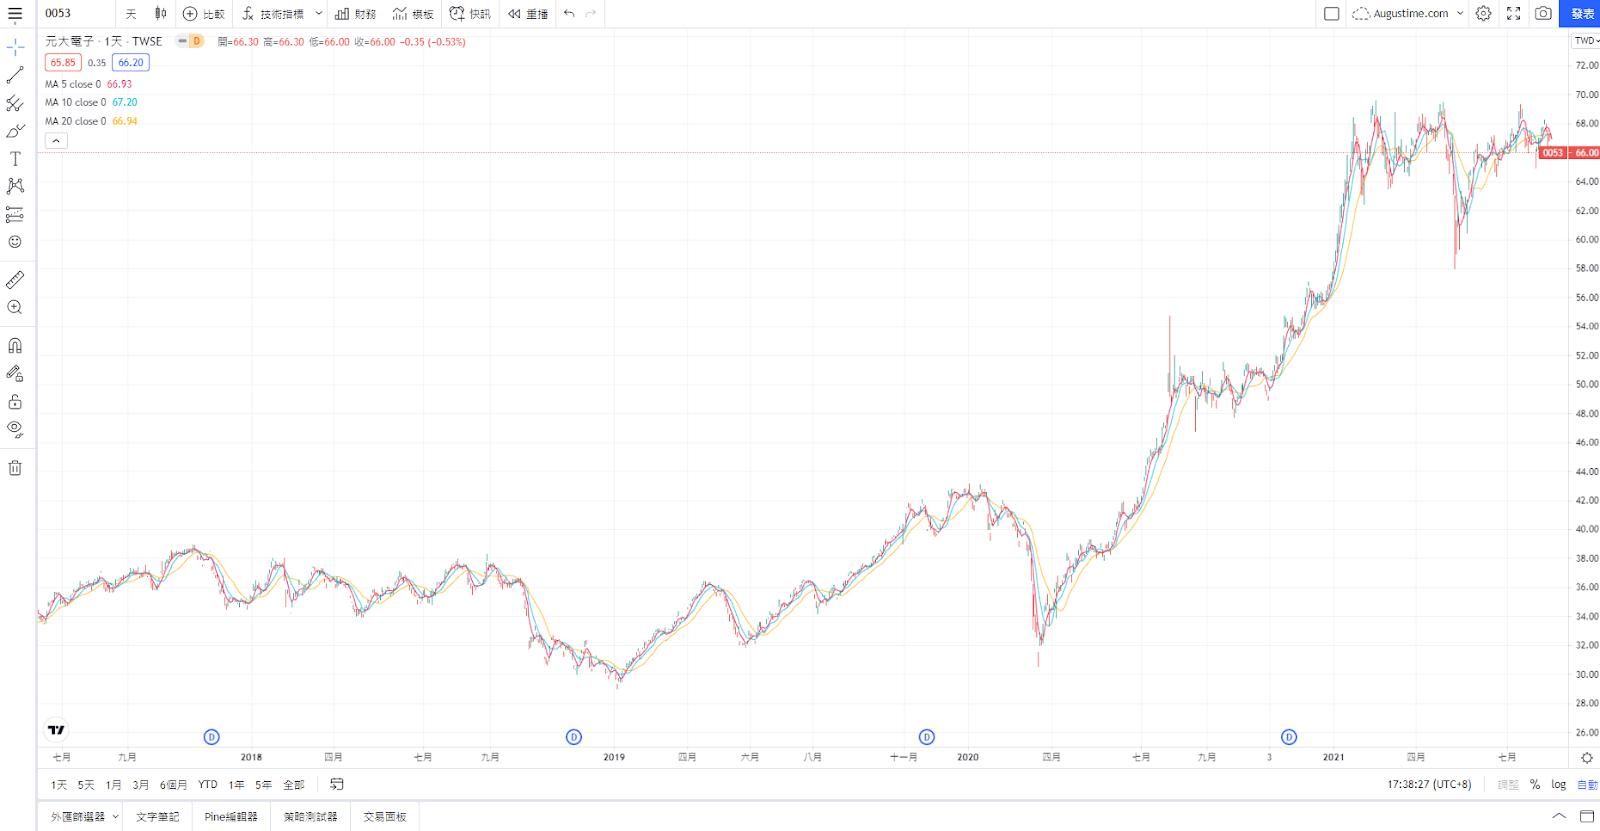 0053,台股0053,0053 ETF,0053成分股,0053持股,0053配息,0053除息,0053股價,0053介紹,0053淨值,0053元大台灣電子科技,0053存股,0053股利